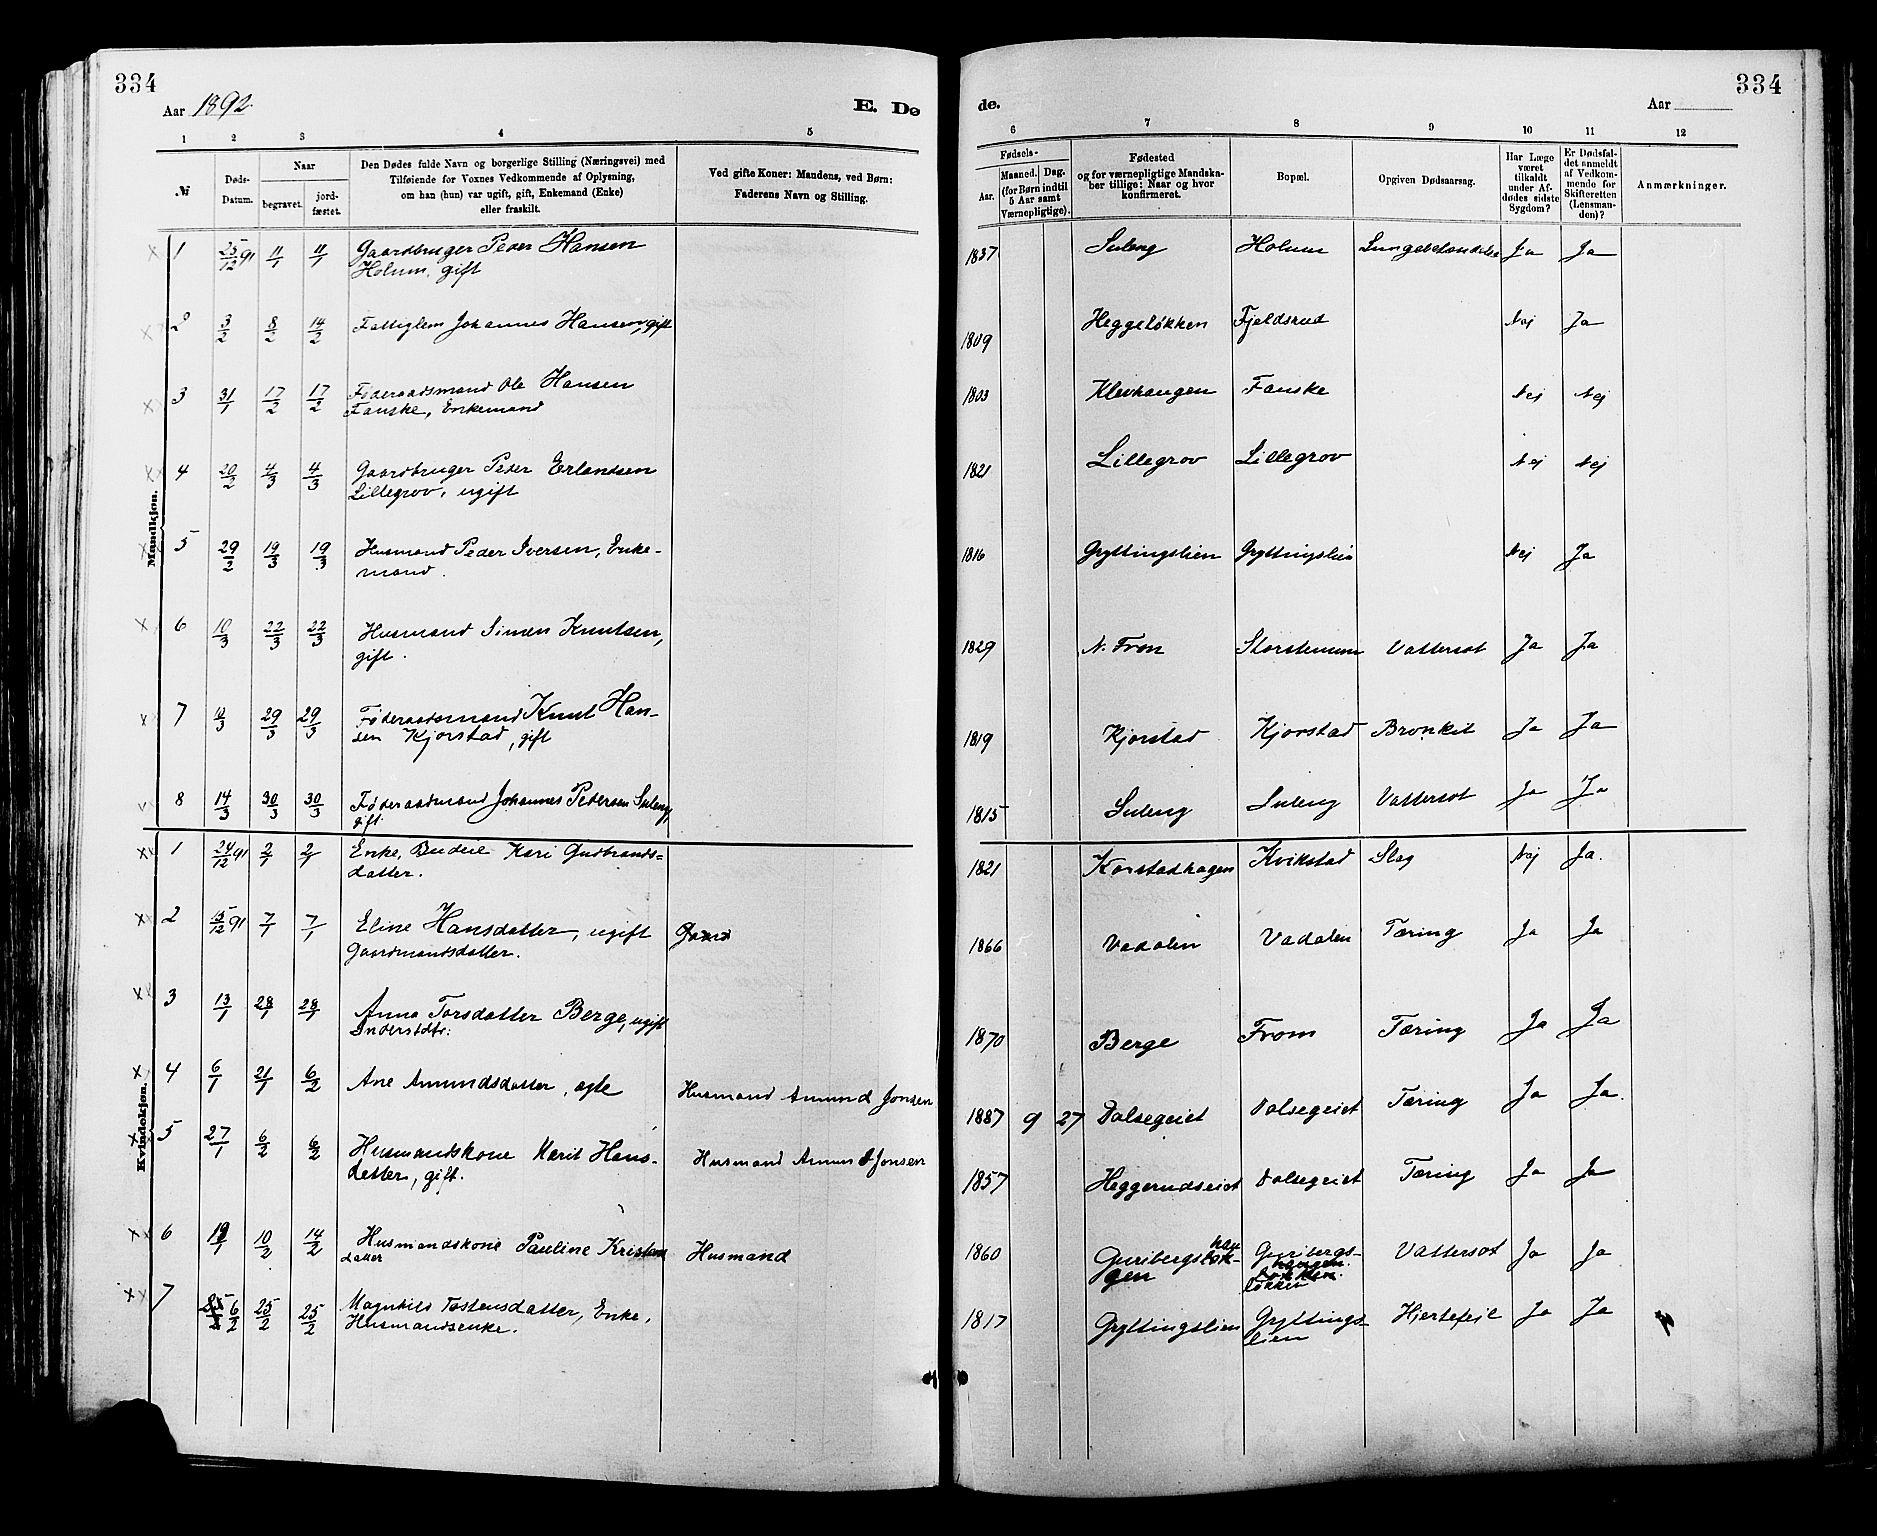 SAH, Sør-Fron prestekontor, H/Ha/Haa/L0003: Ministerialbok nr. 3, 1881-1897, s. 334